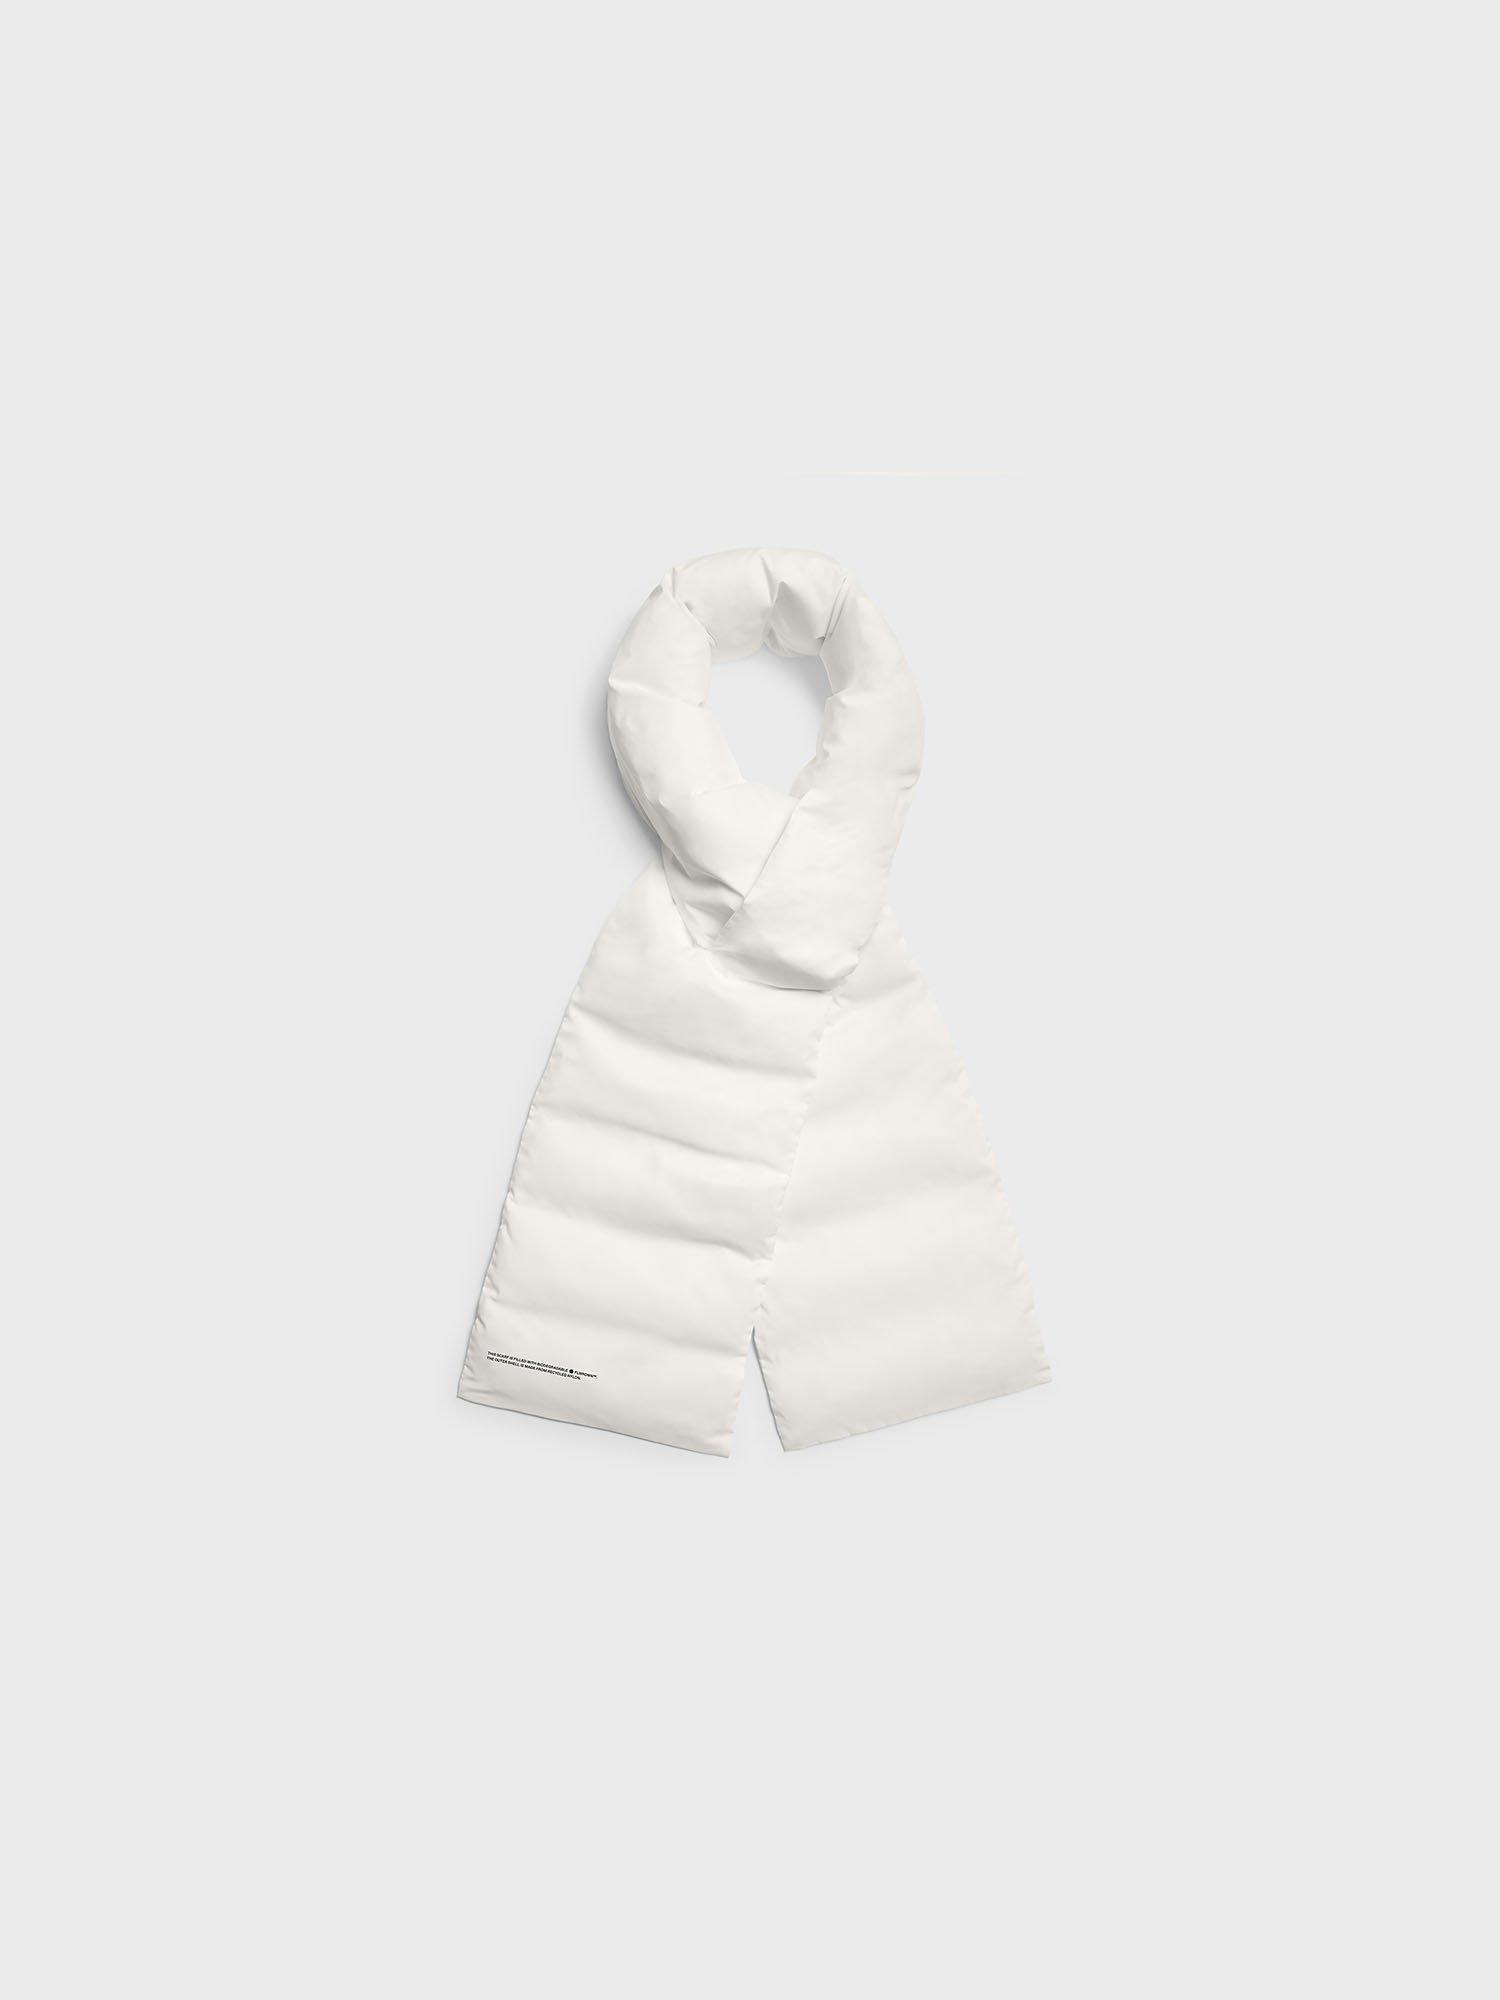 FLWRDWN™ scarf